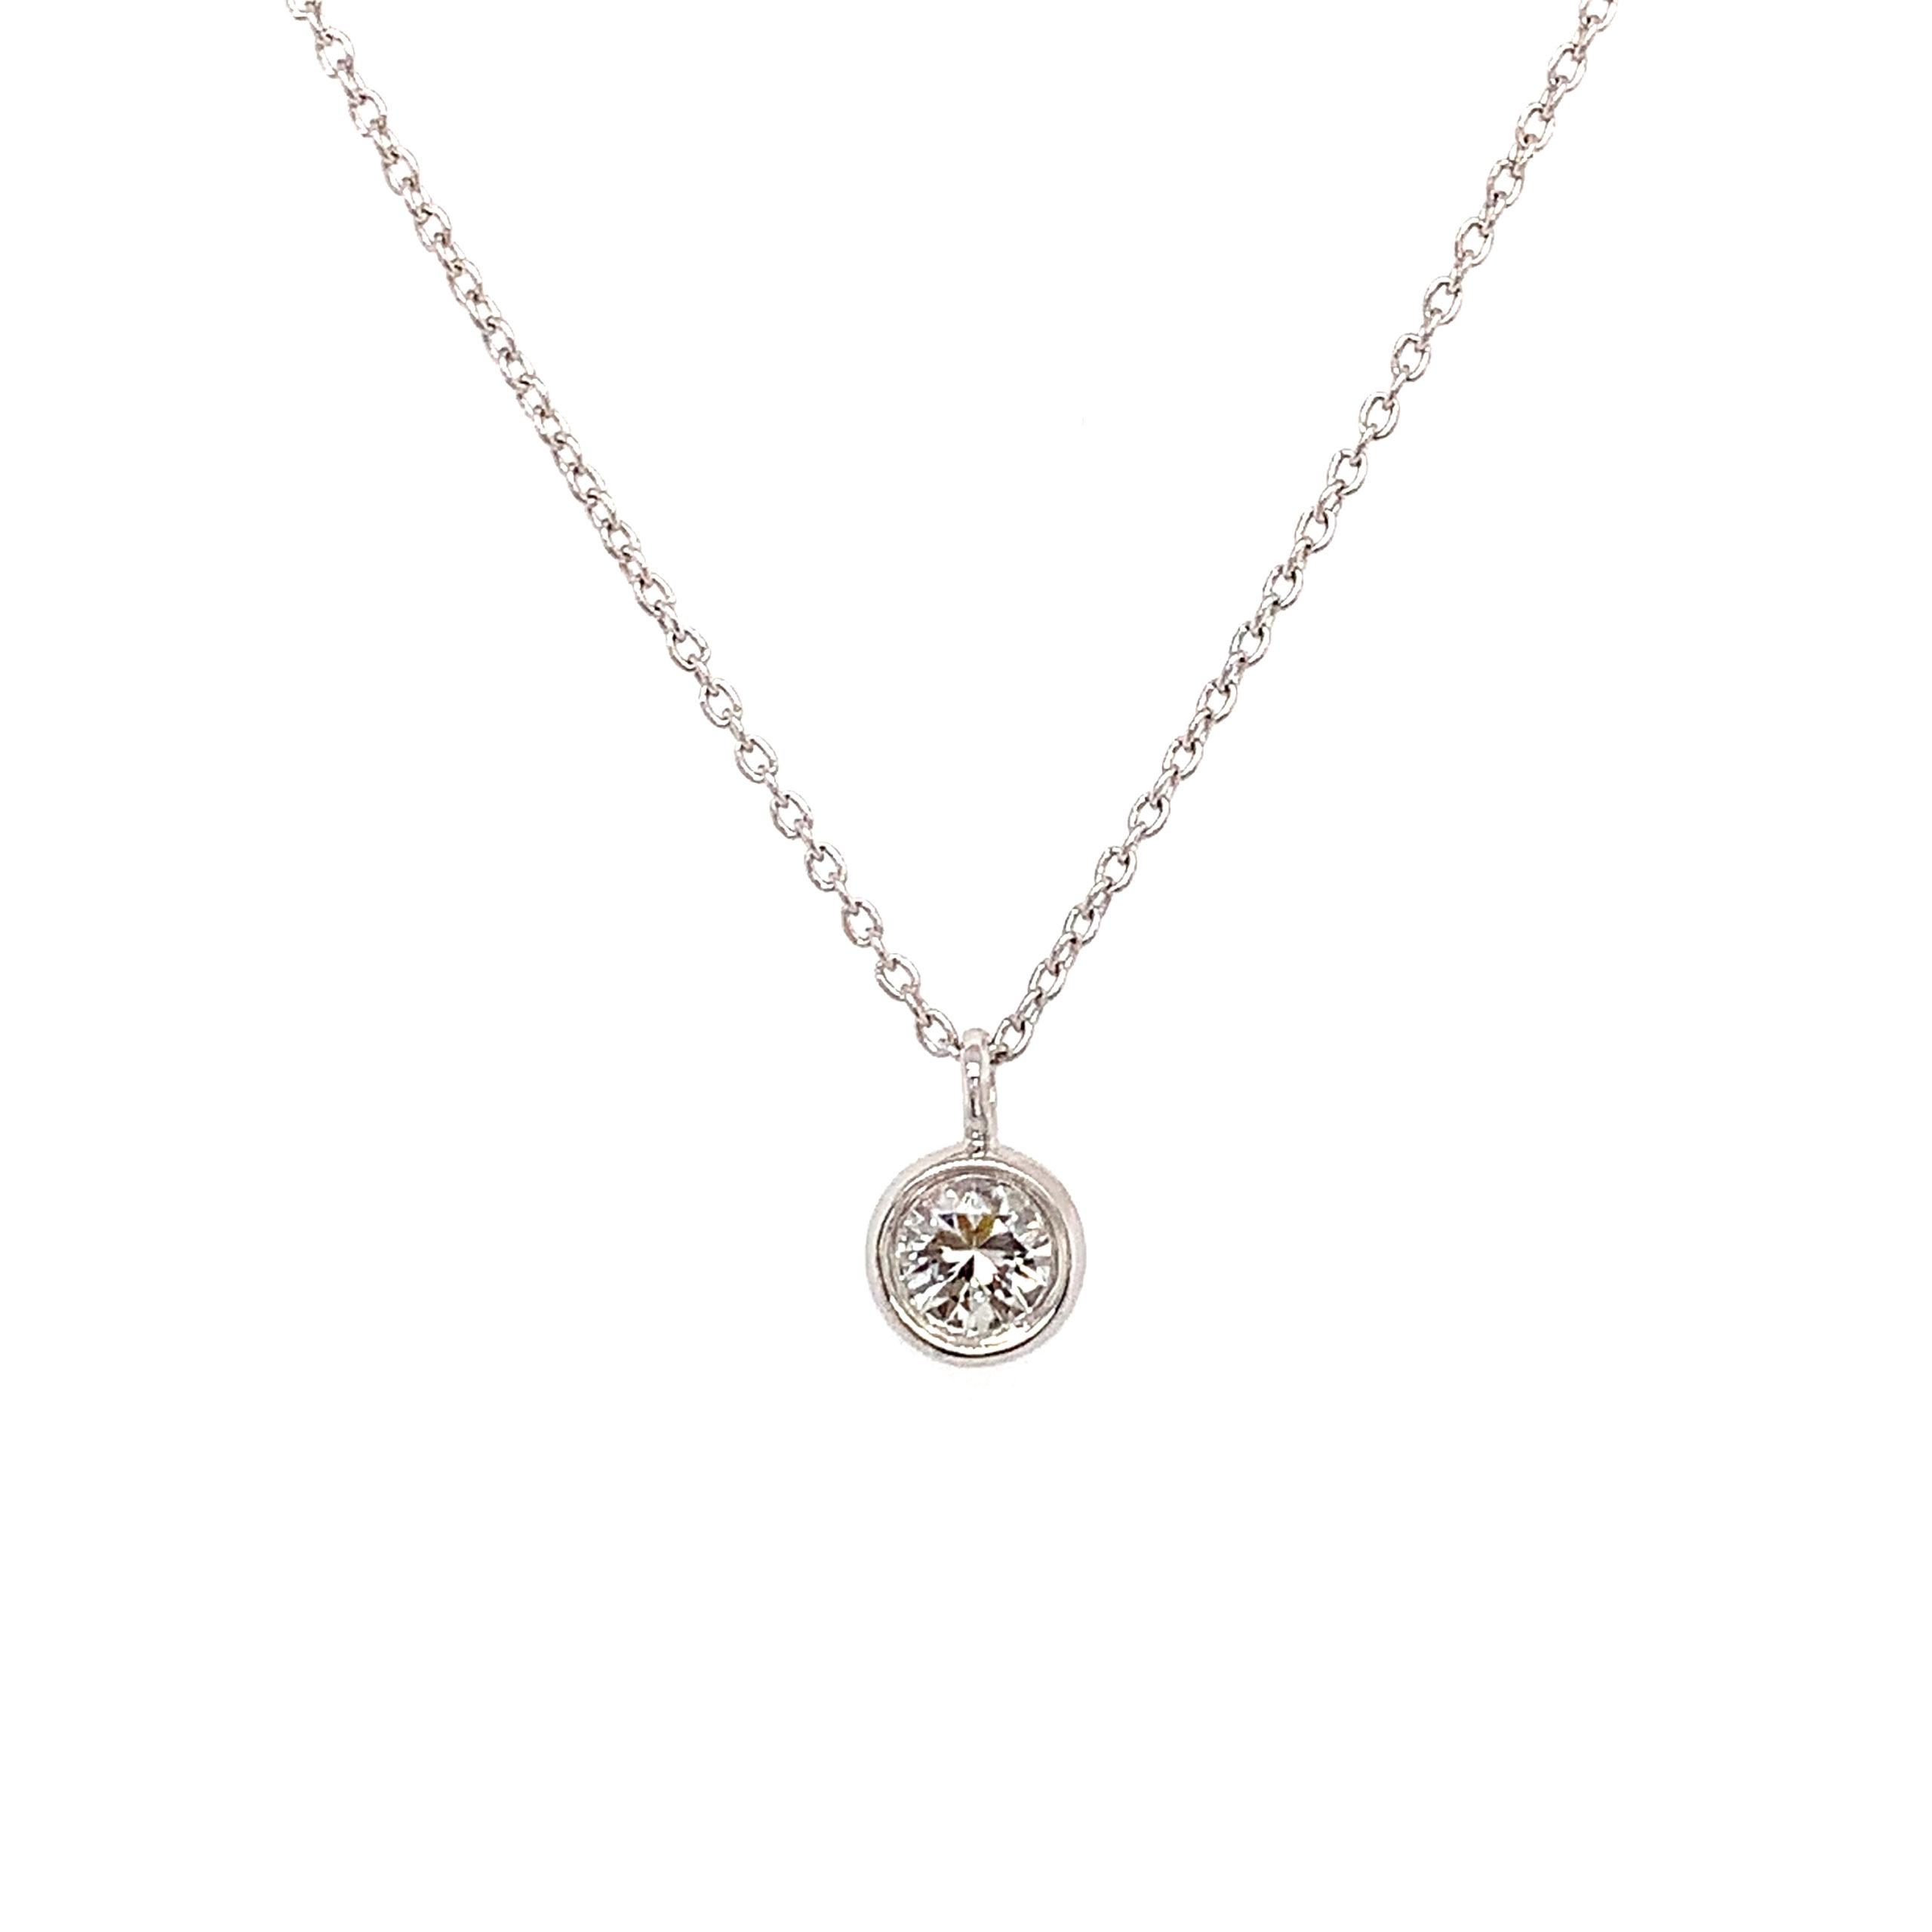 White Gold White Sapphire Pendant Necklace